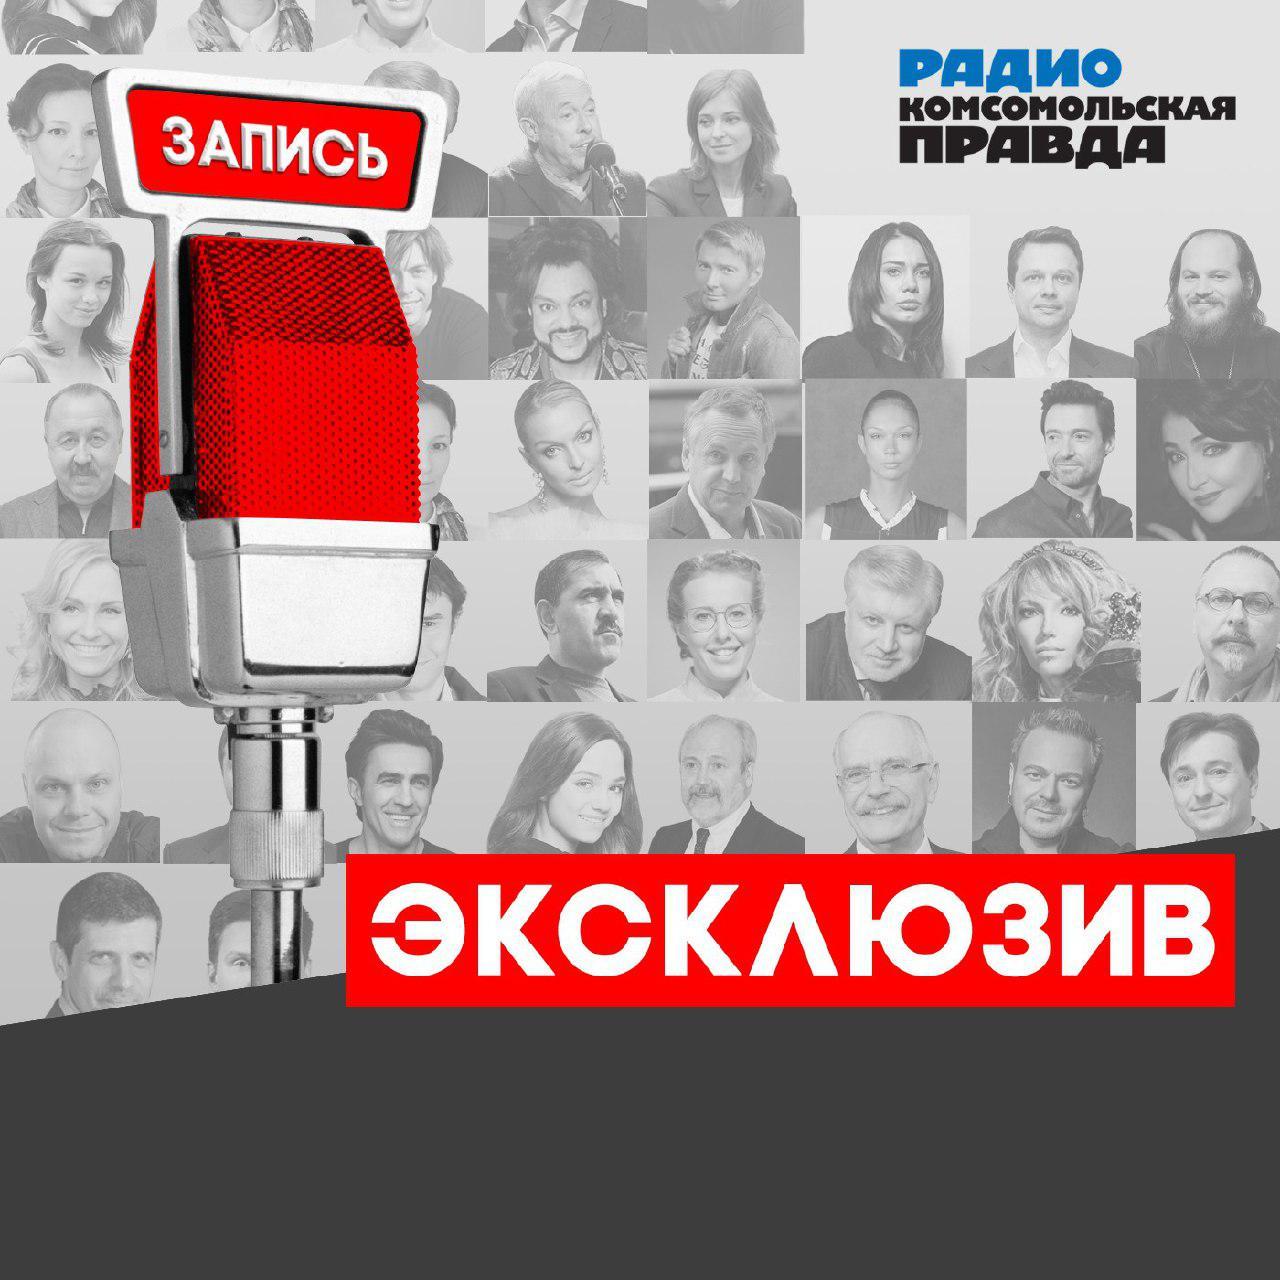 Радио «Комсомольская правда» Ксения Собчак: «Владимир Путин - не мой крестный отец!» анатолий собчак